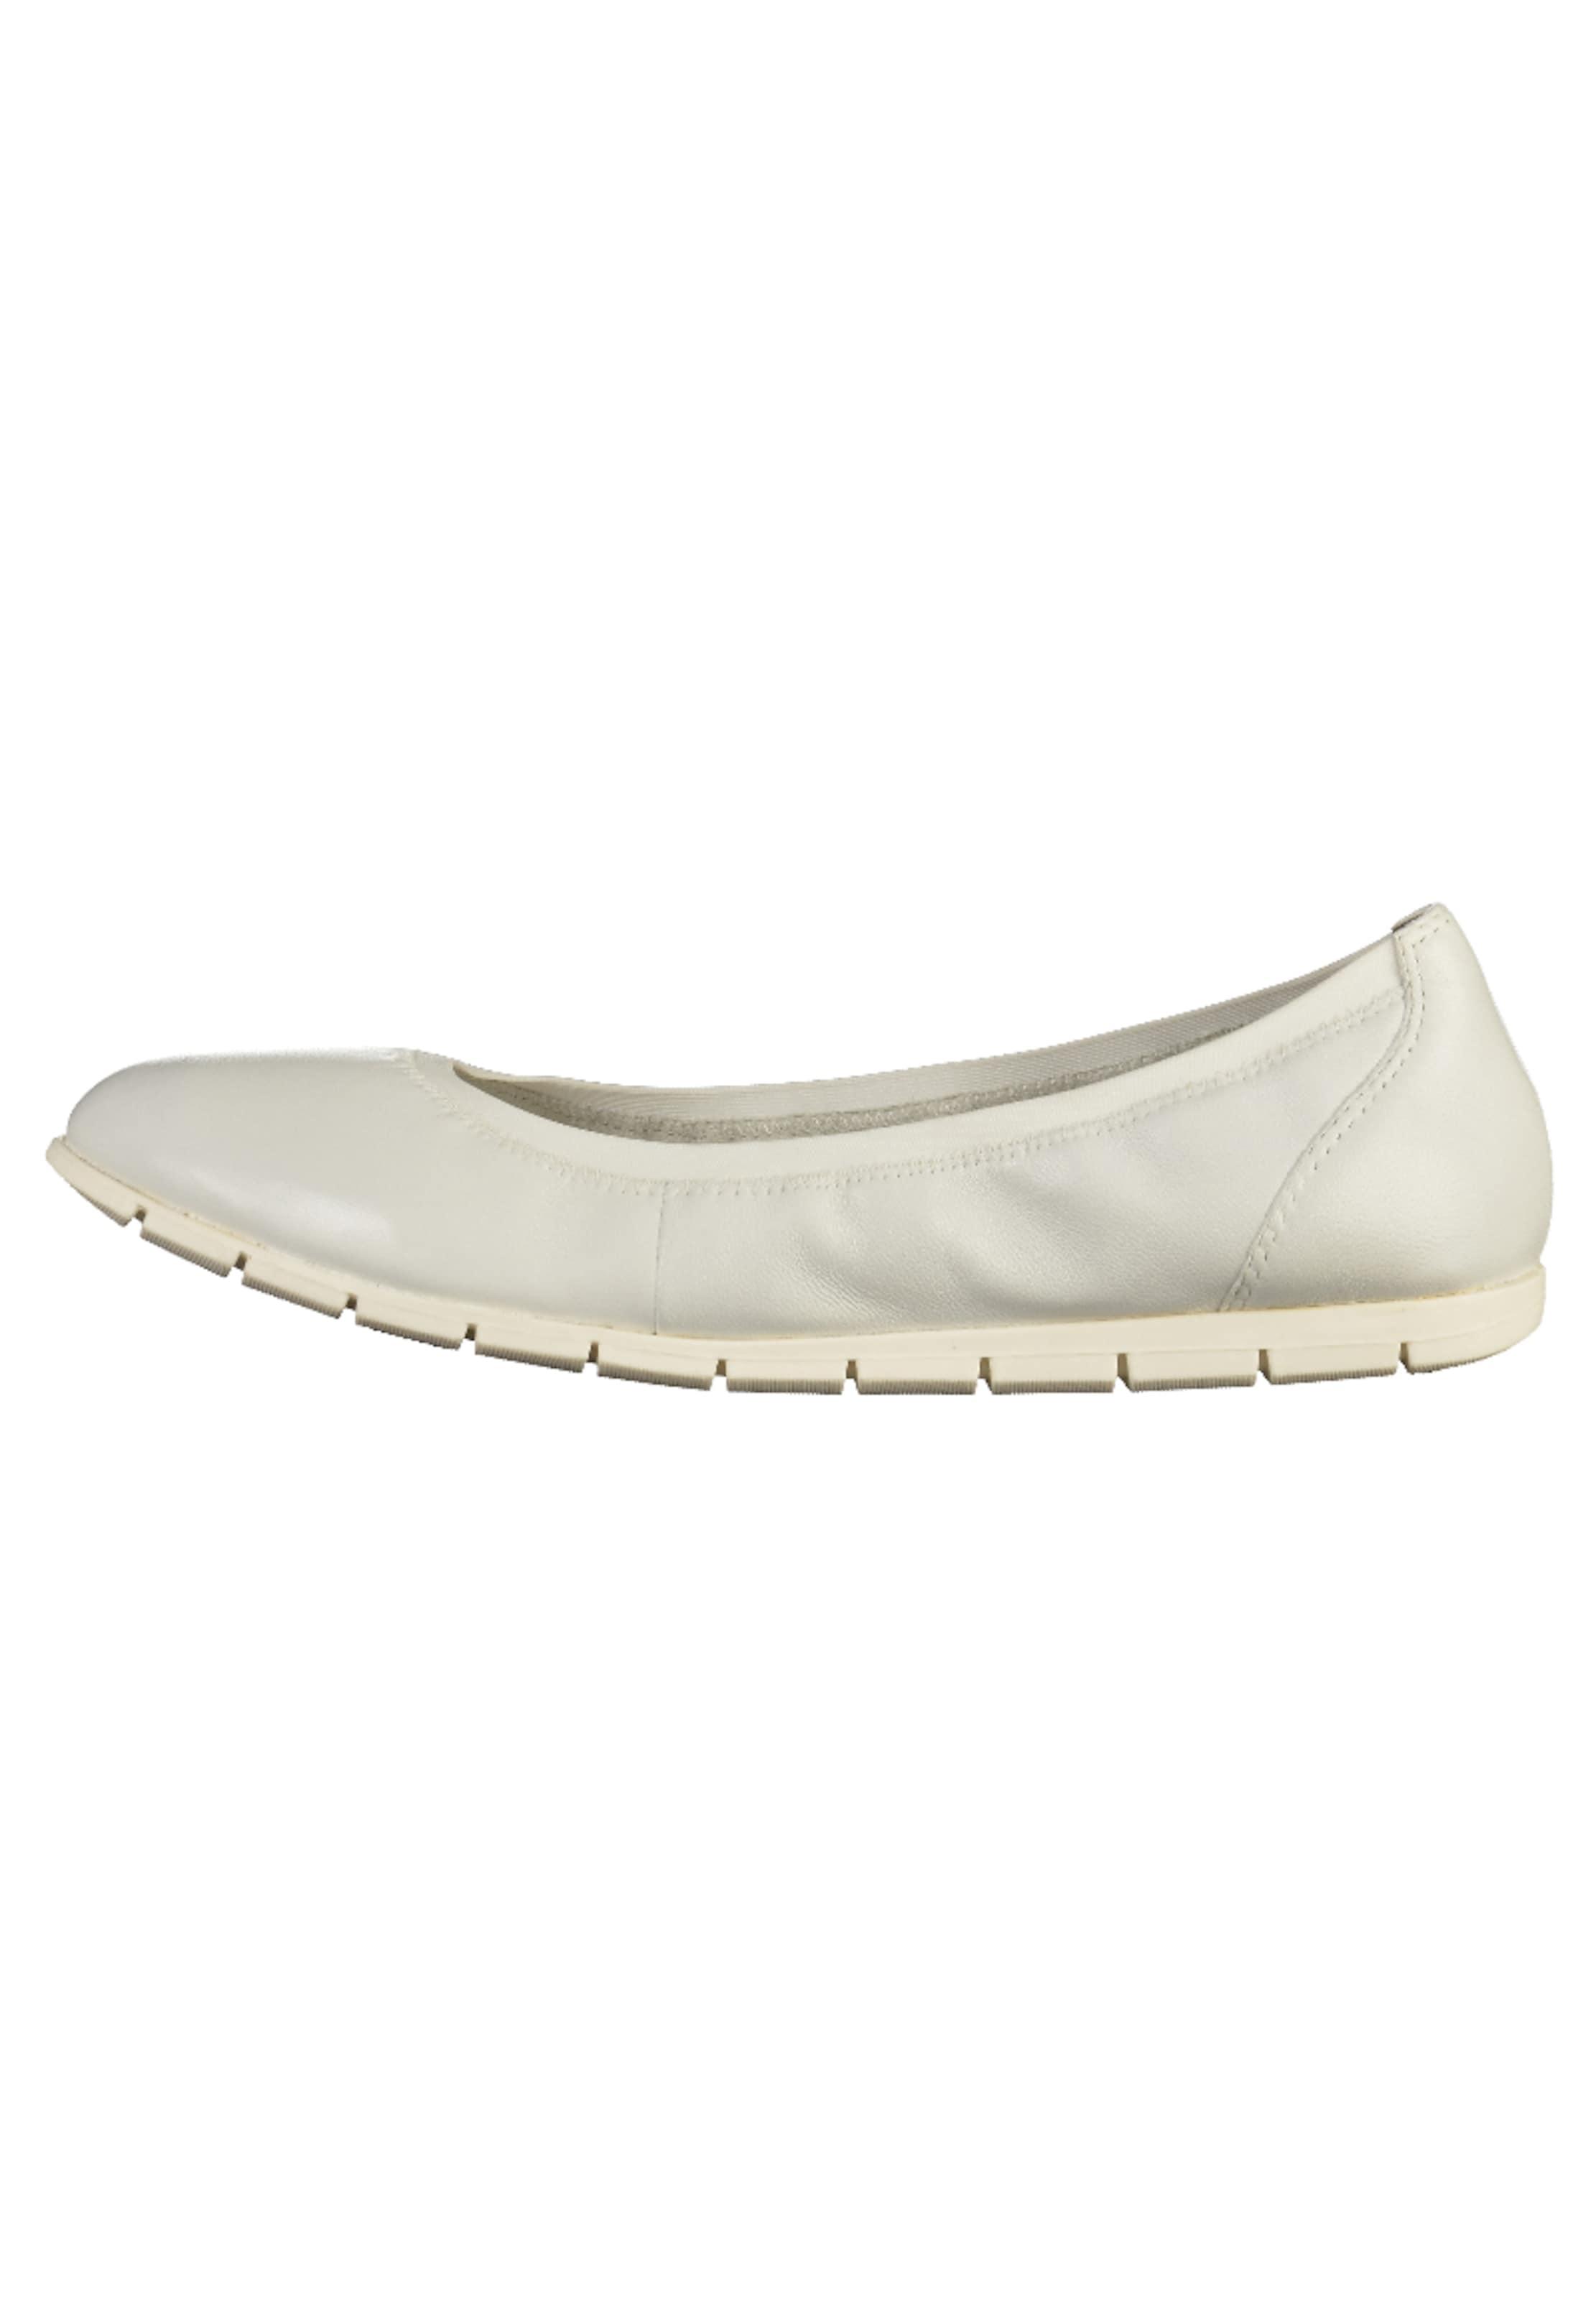 Viele Arten Von Günstiger Online TAMARIS Ballerinas mit Gummizug Schlussverkauf Billig Verkauf Perfekt Kaufen Online-Outlet Auslass Offizielle Seite 0a3nYjX